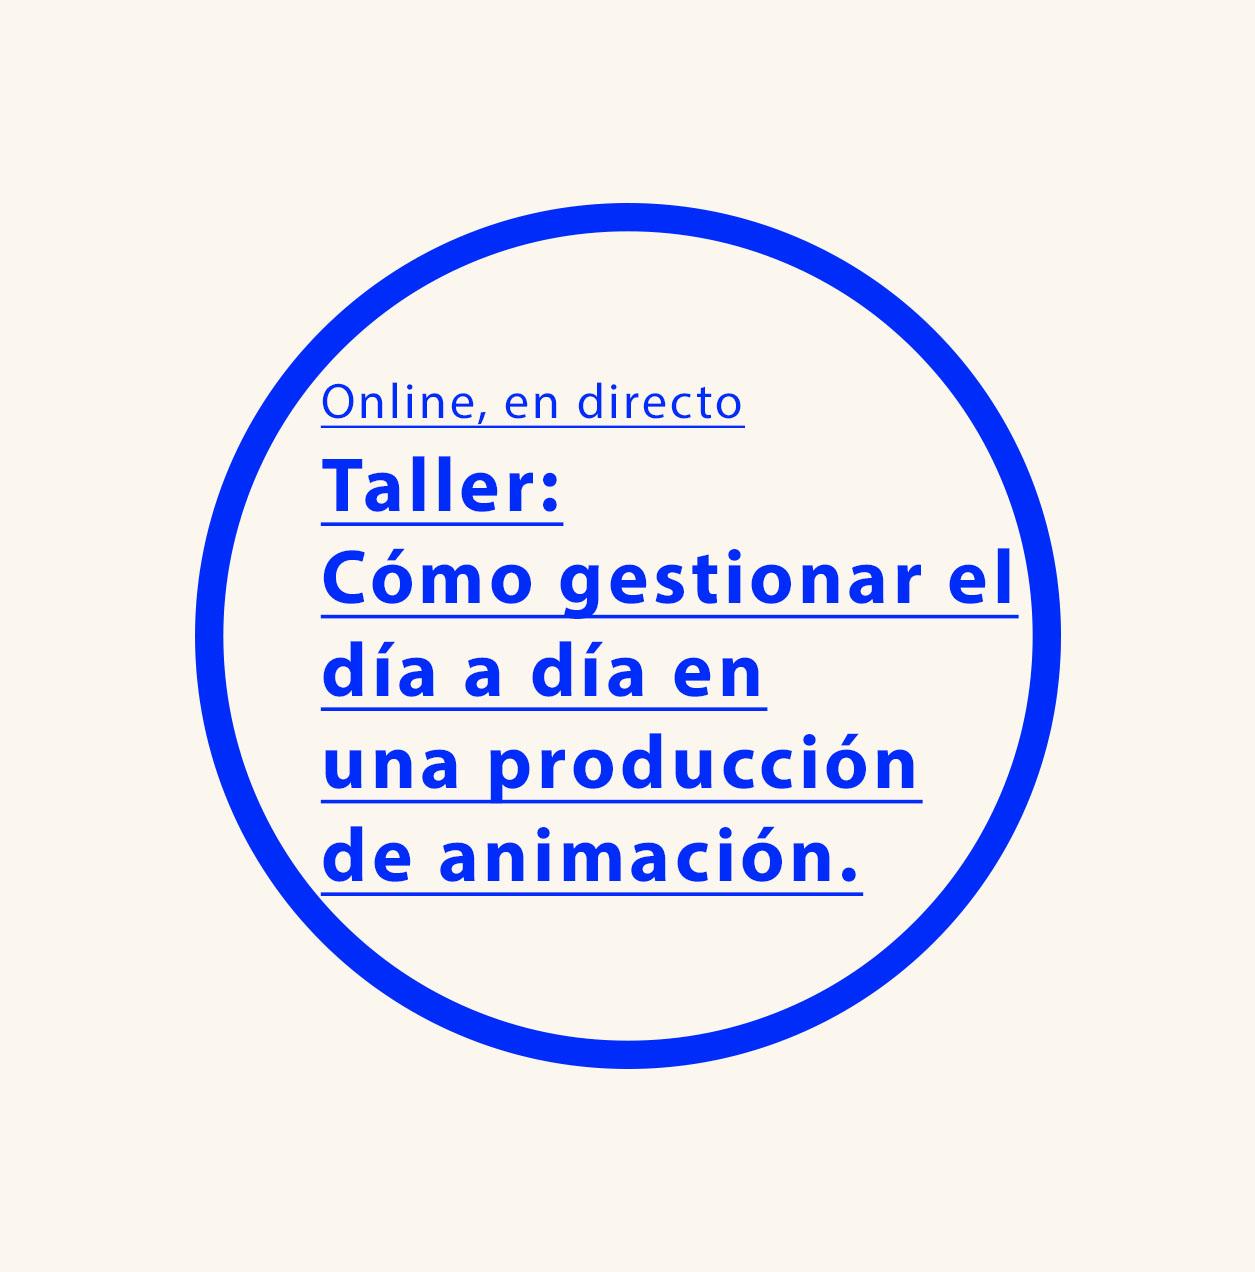 Taller ONLINE en directo: Cómo gestionar el día a día en una producción de animación